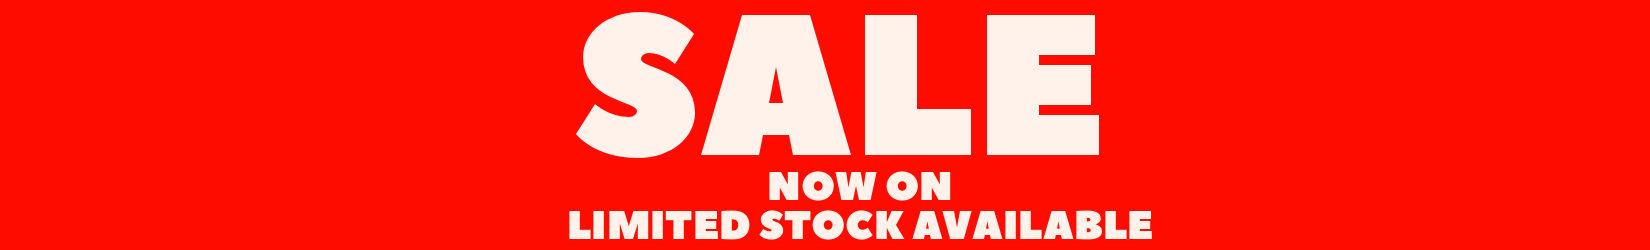 Sale Top Banner